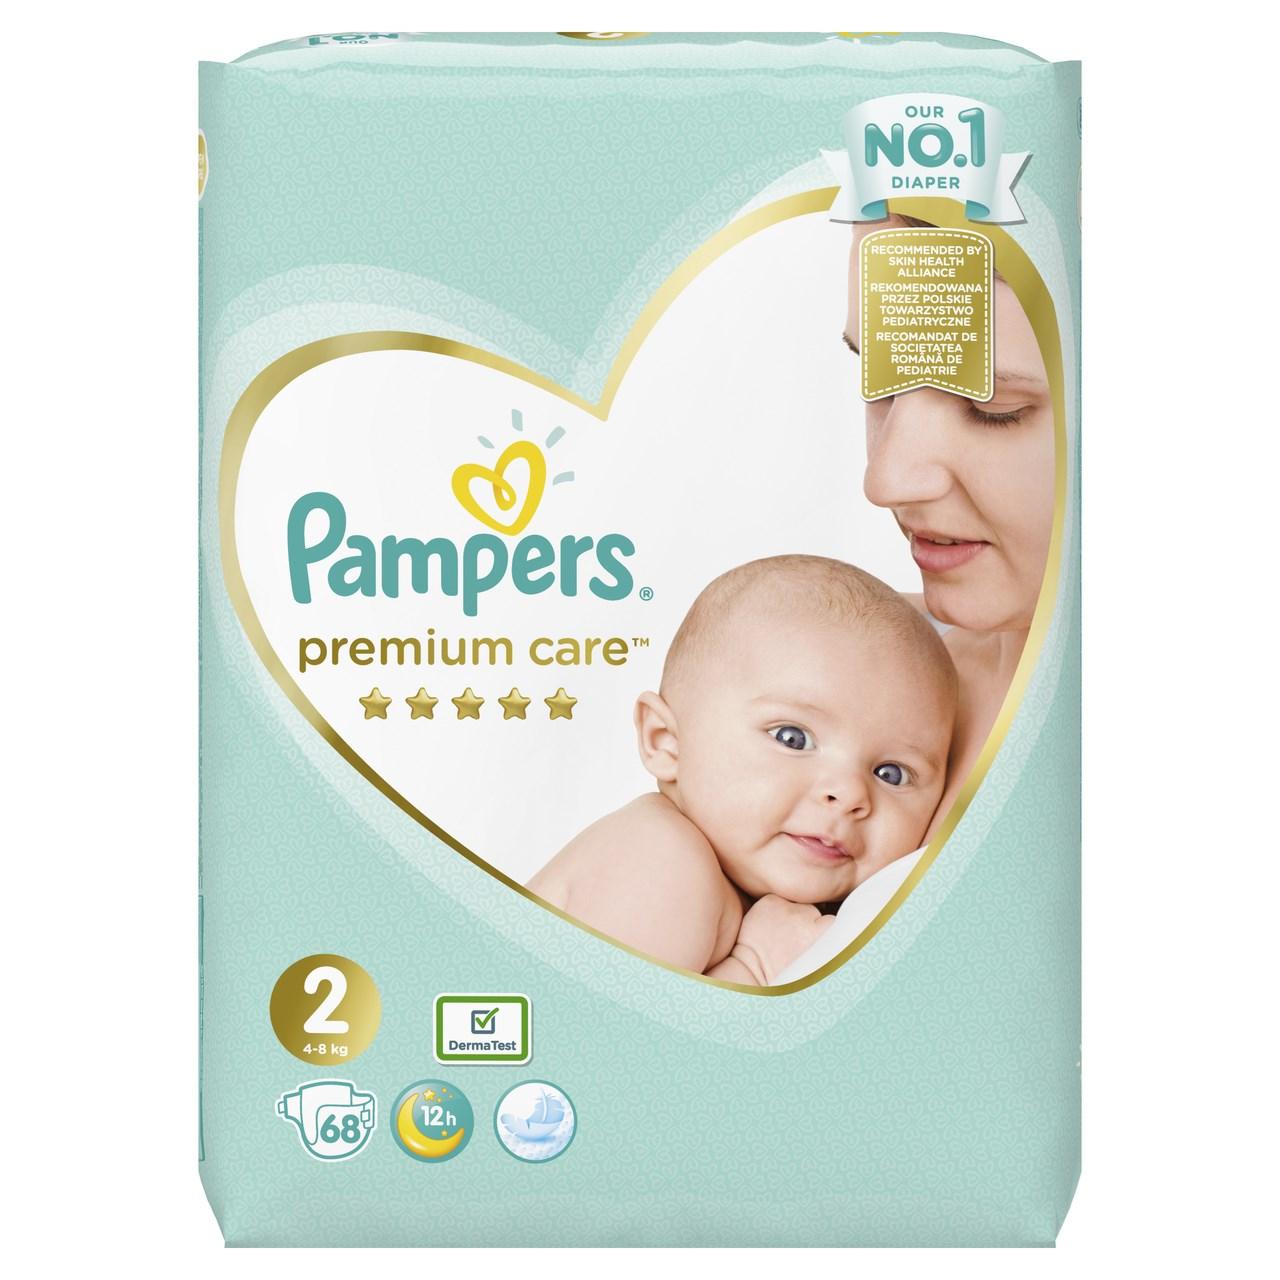 Pampers premium care S2 detské plienky 1x68 ks